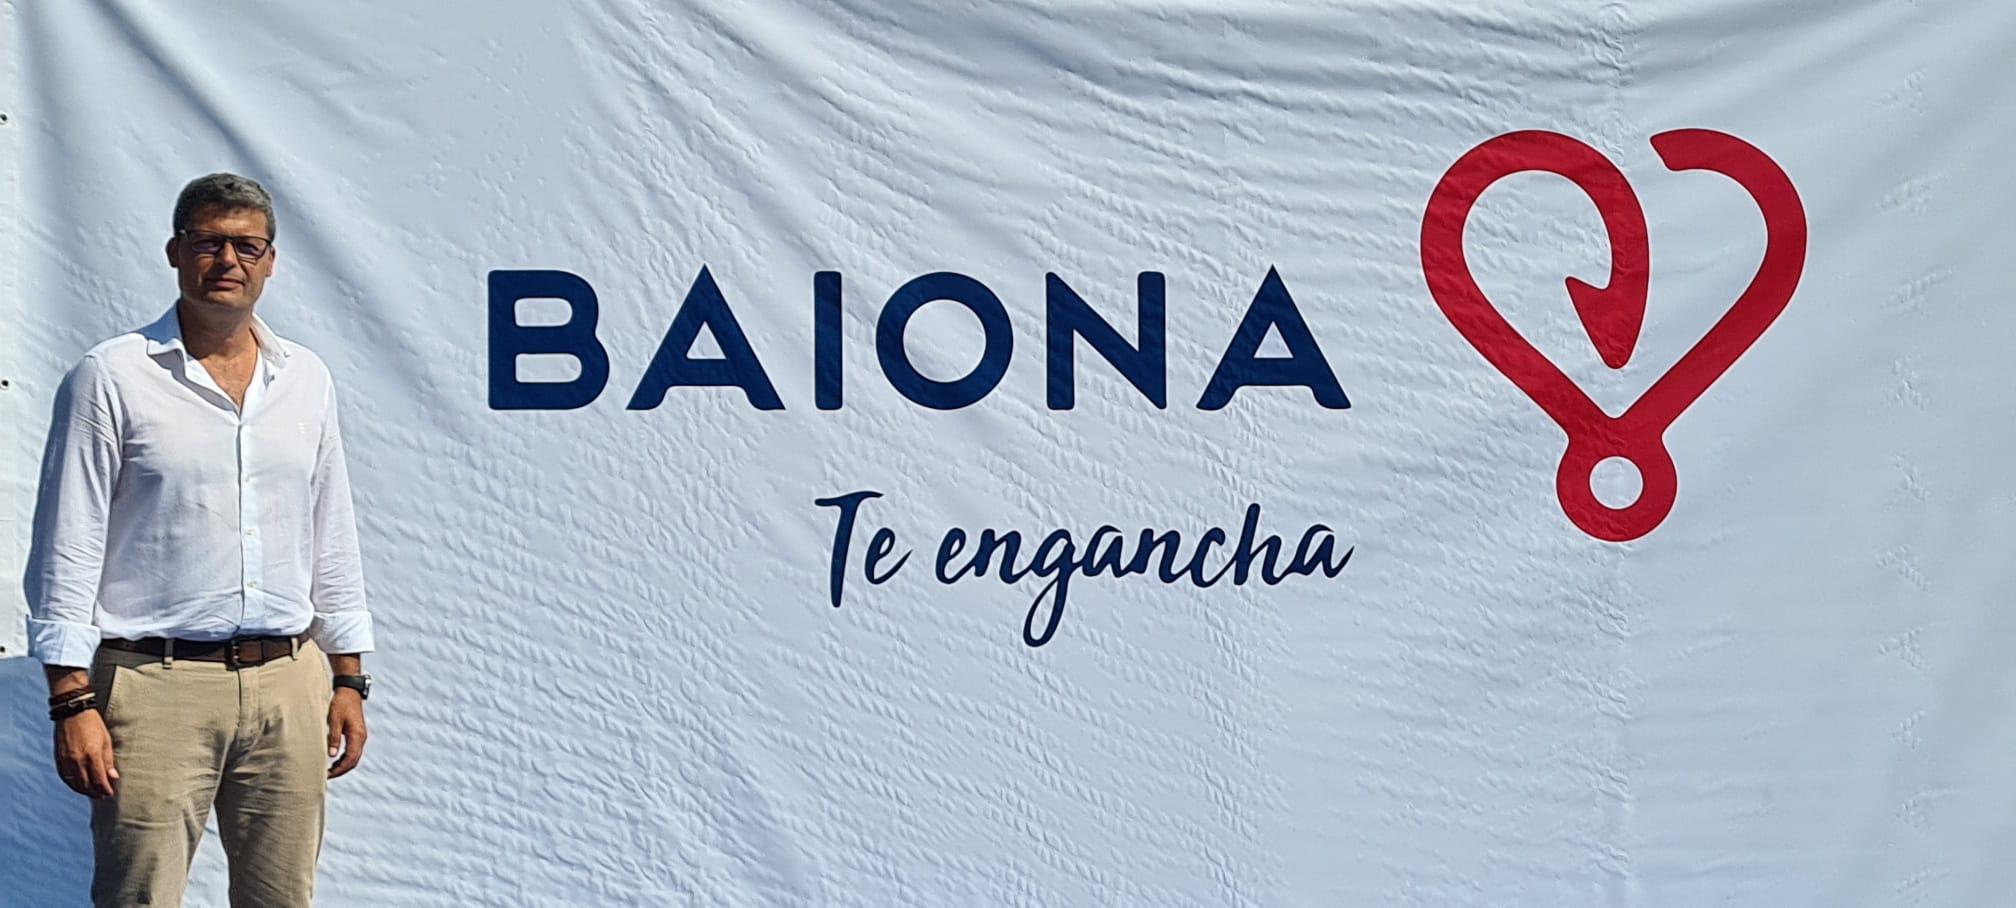 Felipe-Maxestade-Rei-inaugura-Baiona-exposición-50-aniversario-Monte-Real-Club-Yates